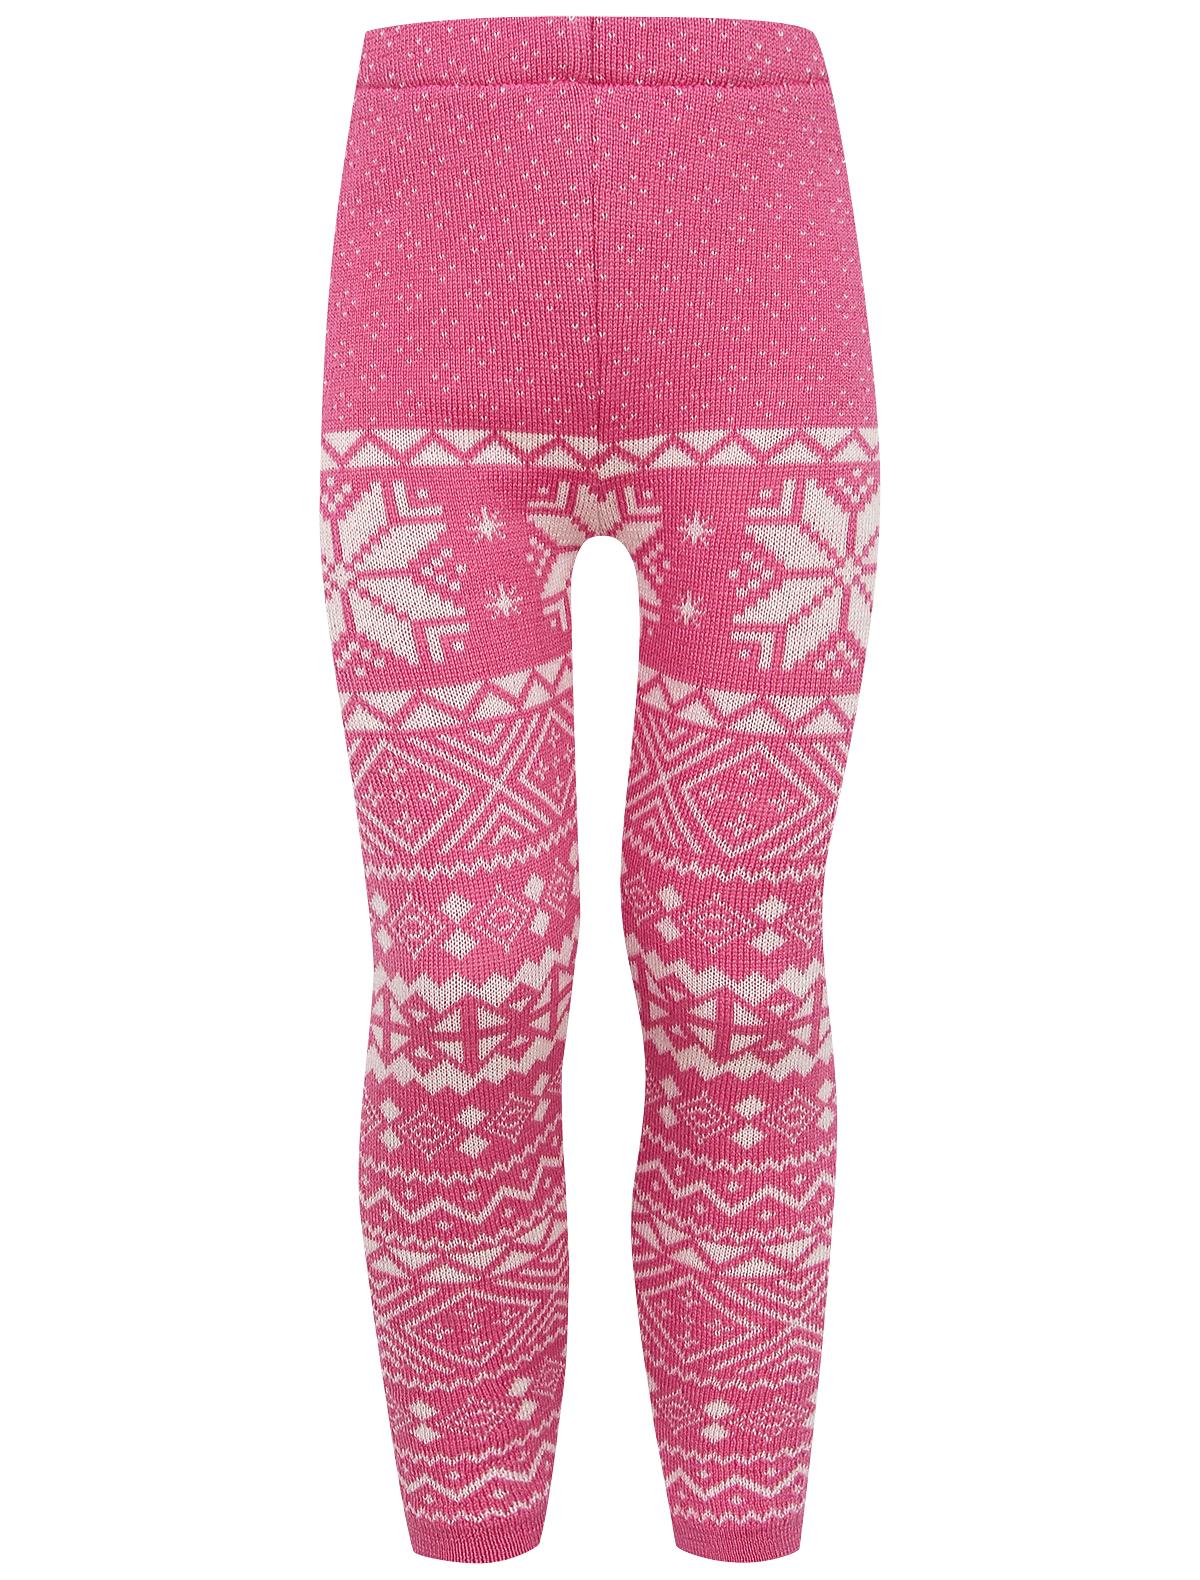 Купить 2135681, Леггинсы Air wool, розовый, Женский, 1152609980012